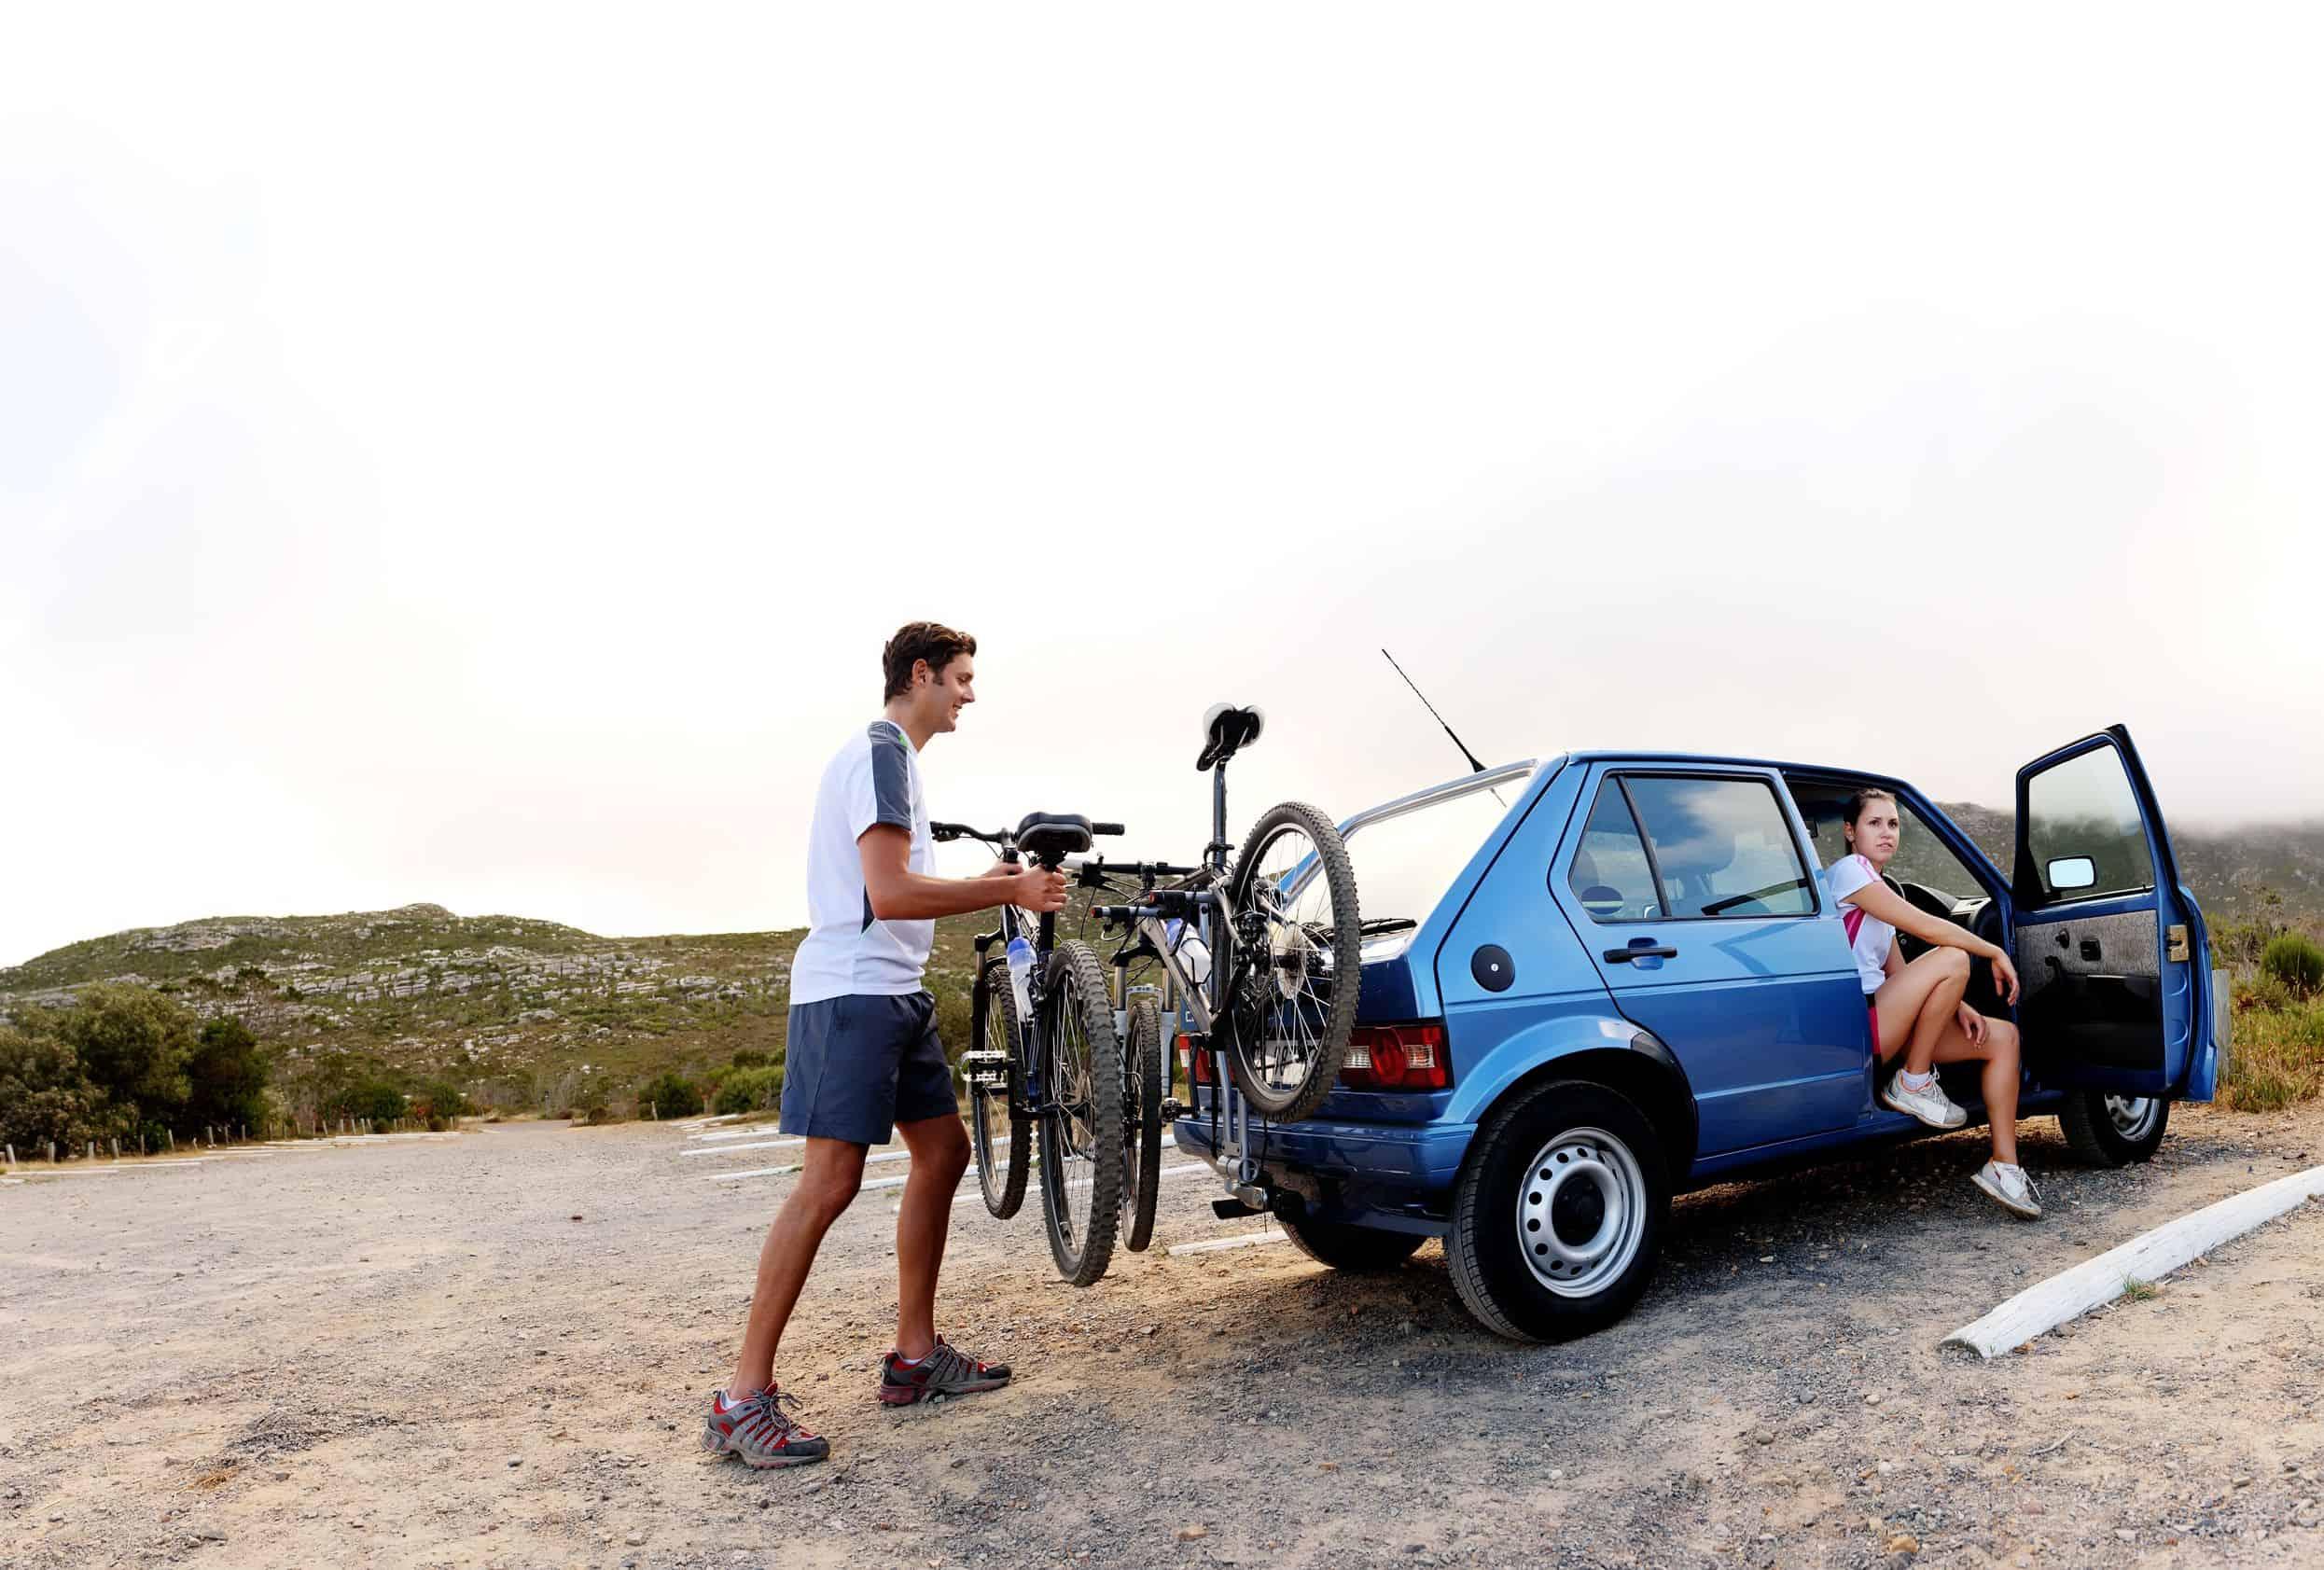 Fahrradträger: Test & Empfehlungen (01/21)